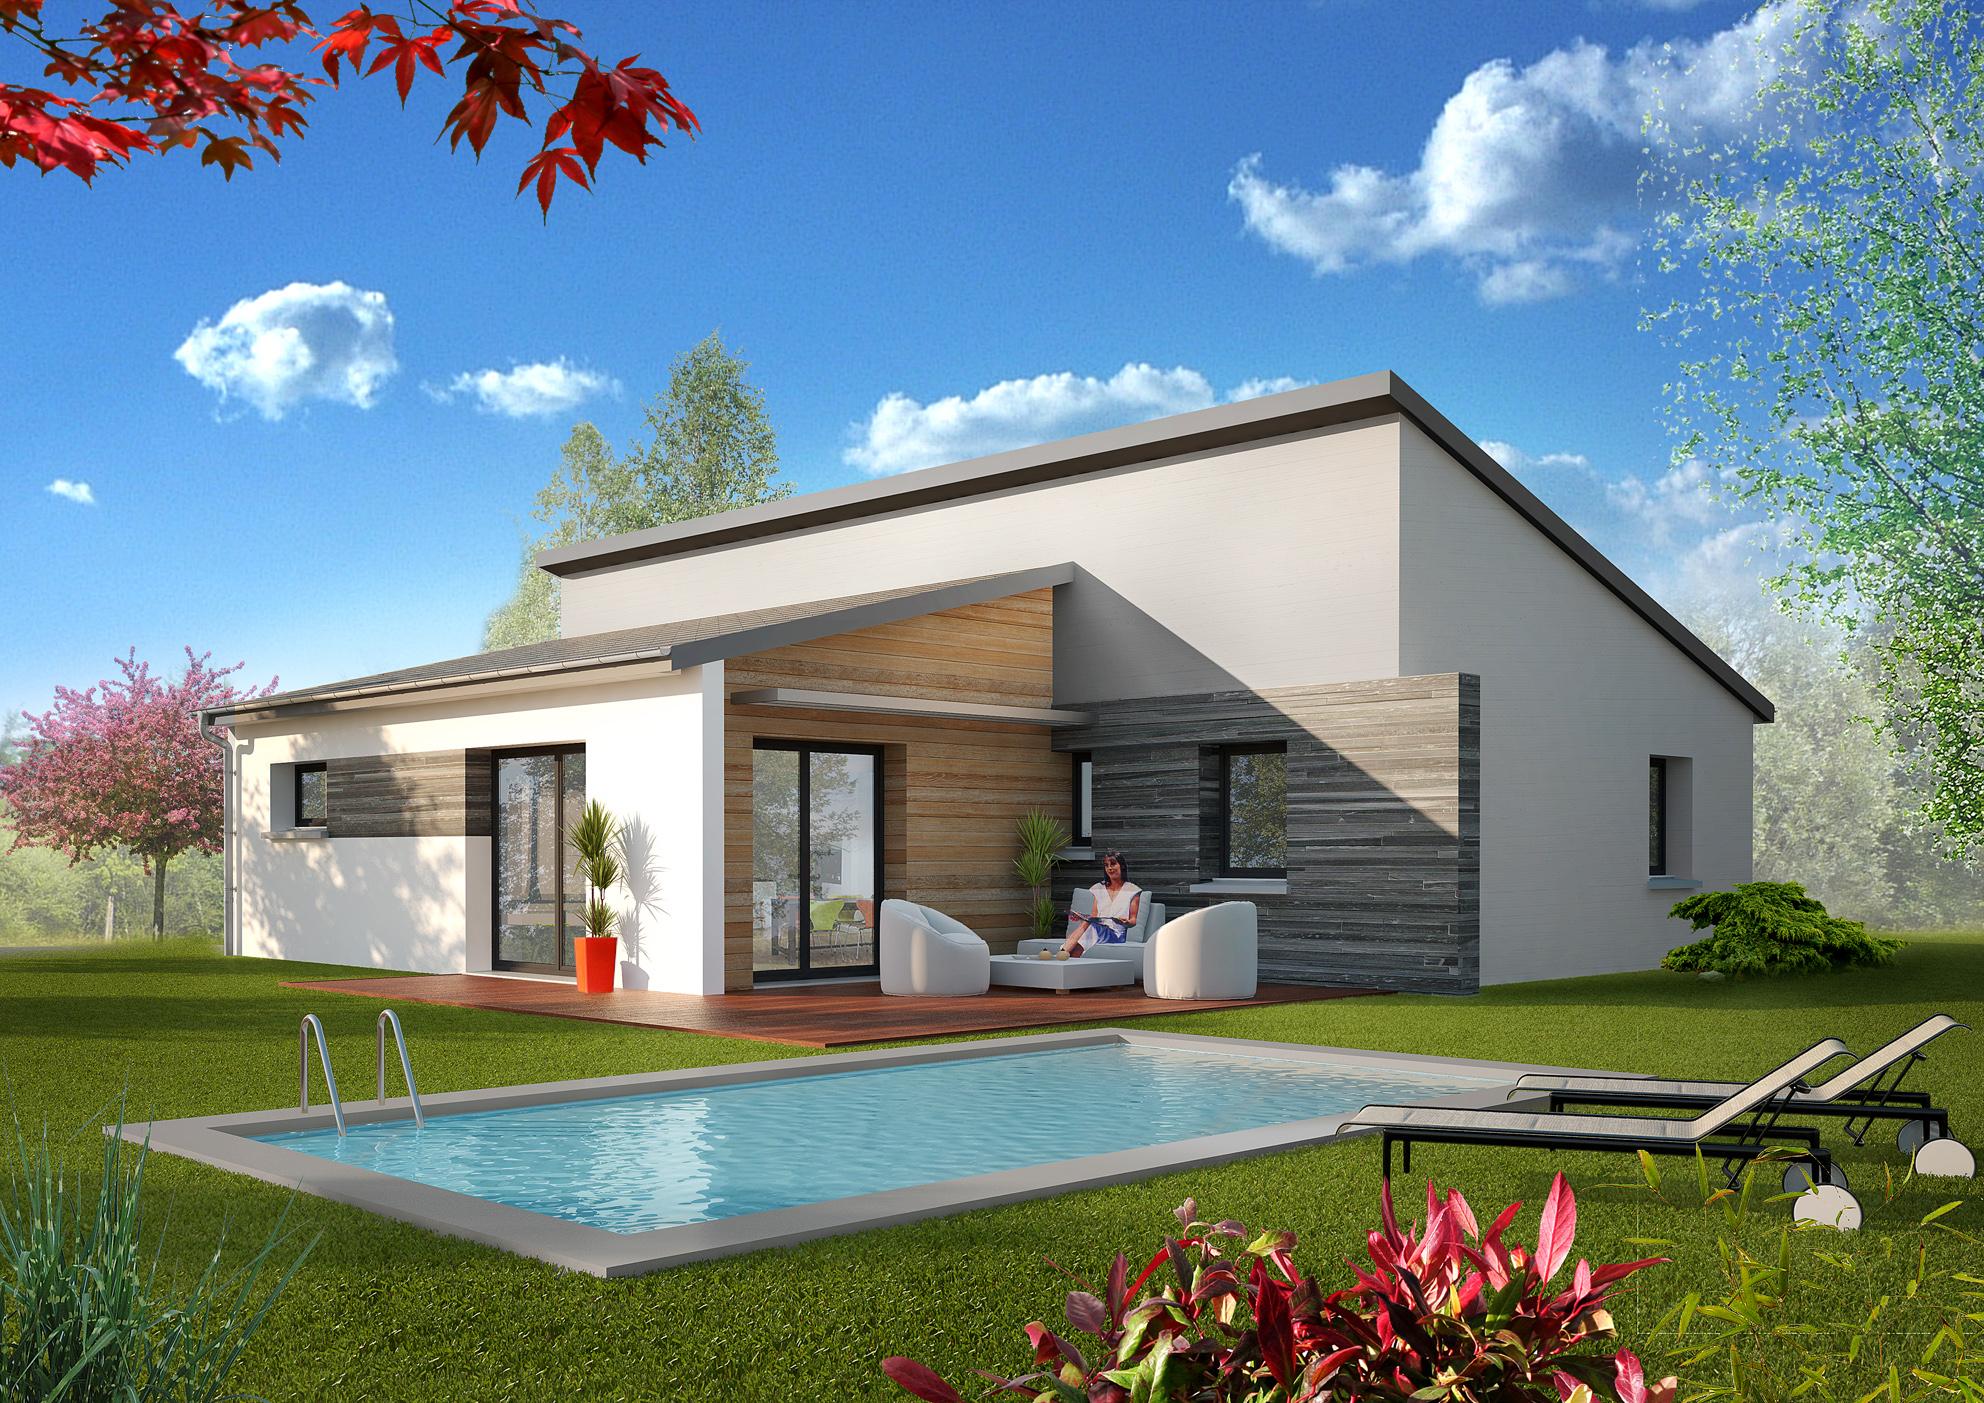 Maisons rocbrune constructeur agr maisons de qualit for Constructeur de maison 08000